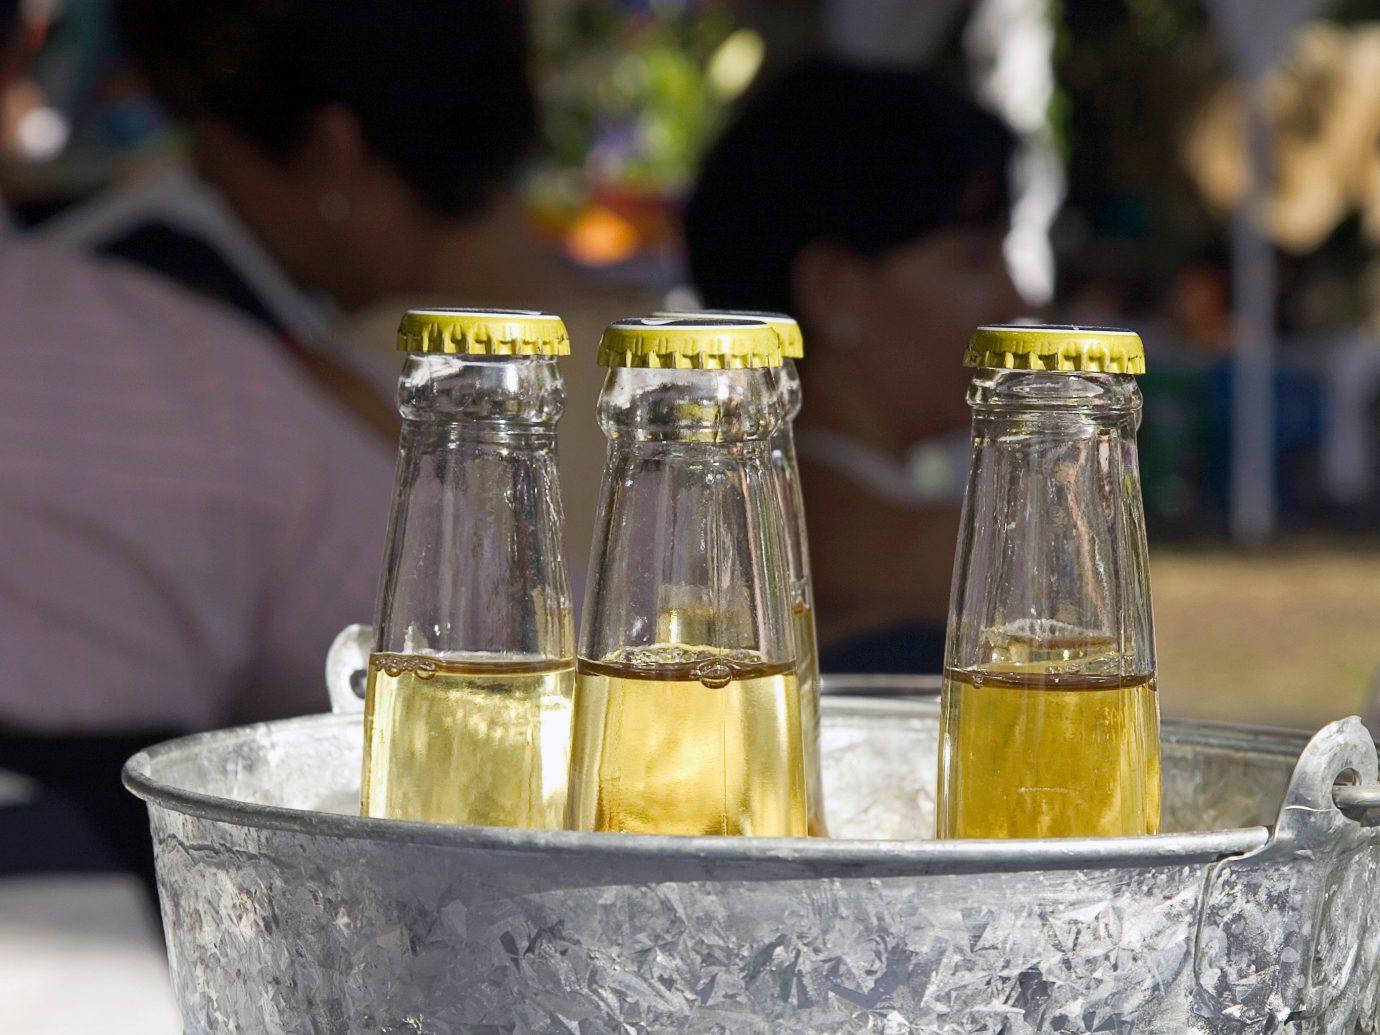 Hotels person Drink food liqueur distilled beverage